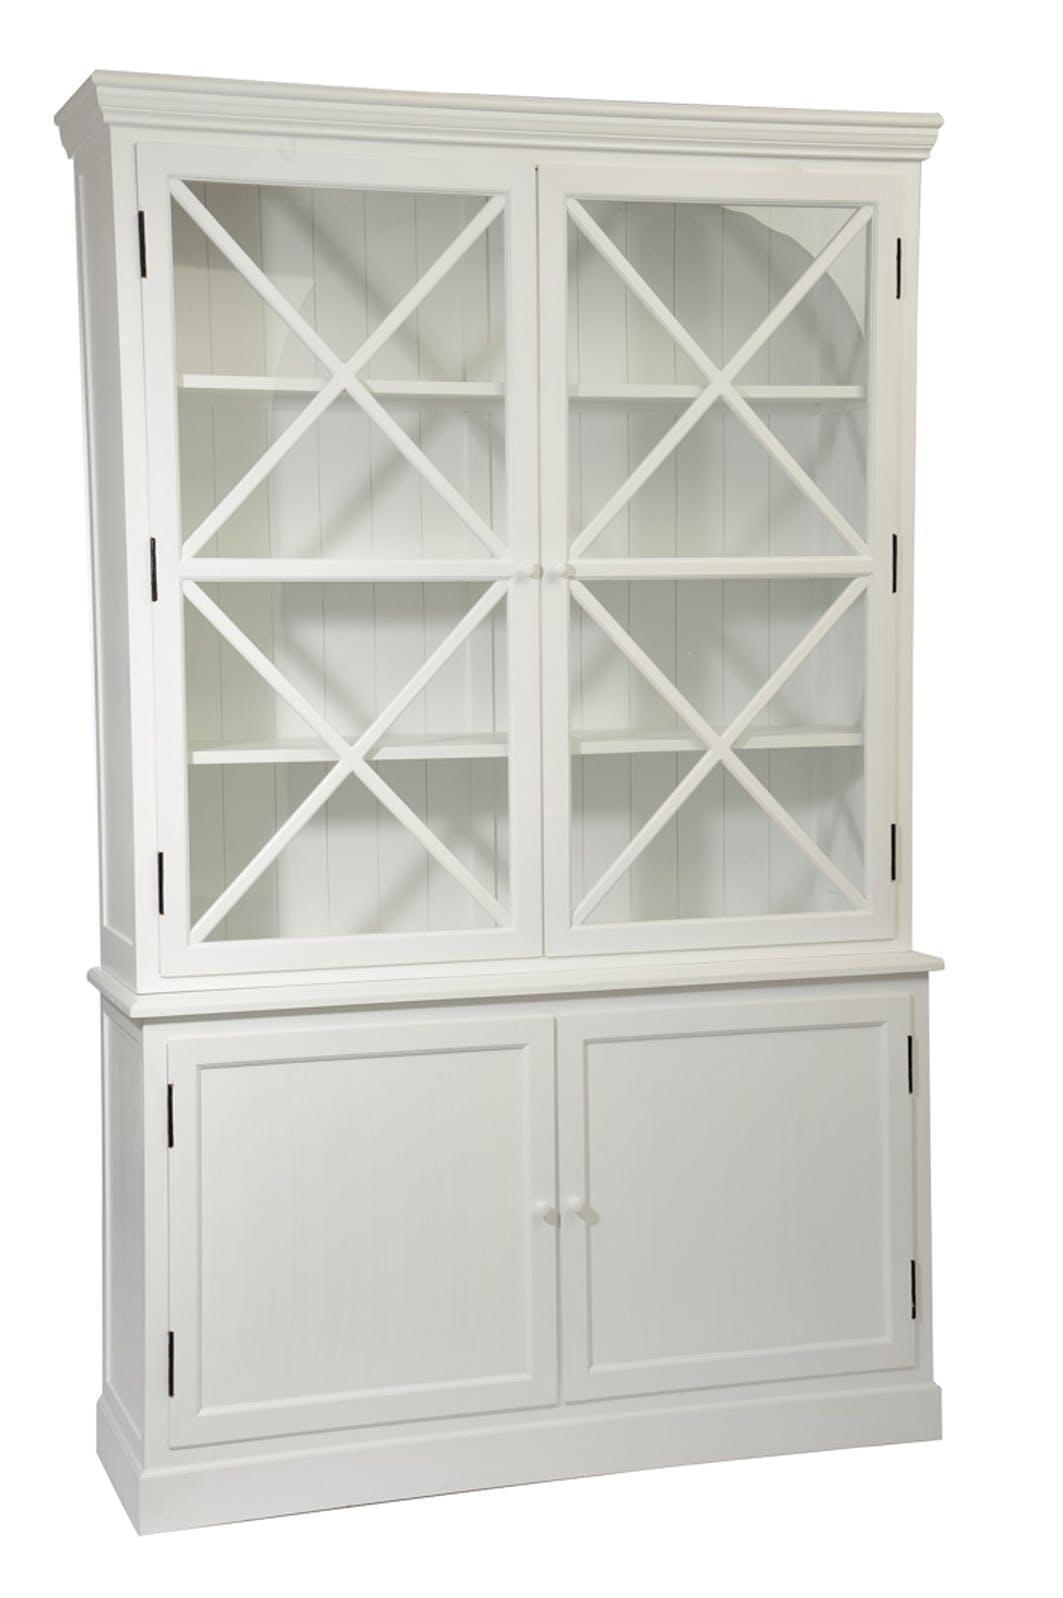 Bibliothèque vaisselier bois blanc 4 portes dont 2 vitrées 136x41x216cm